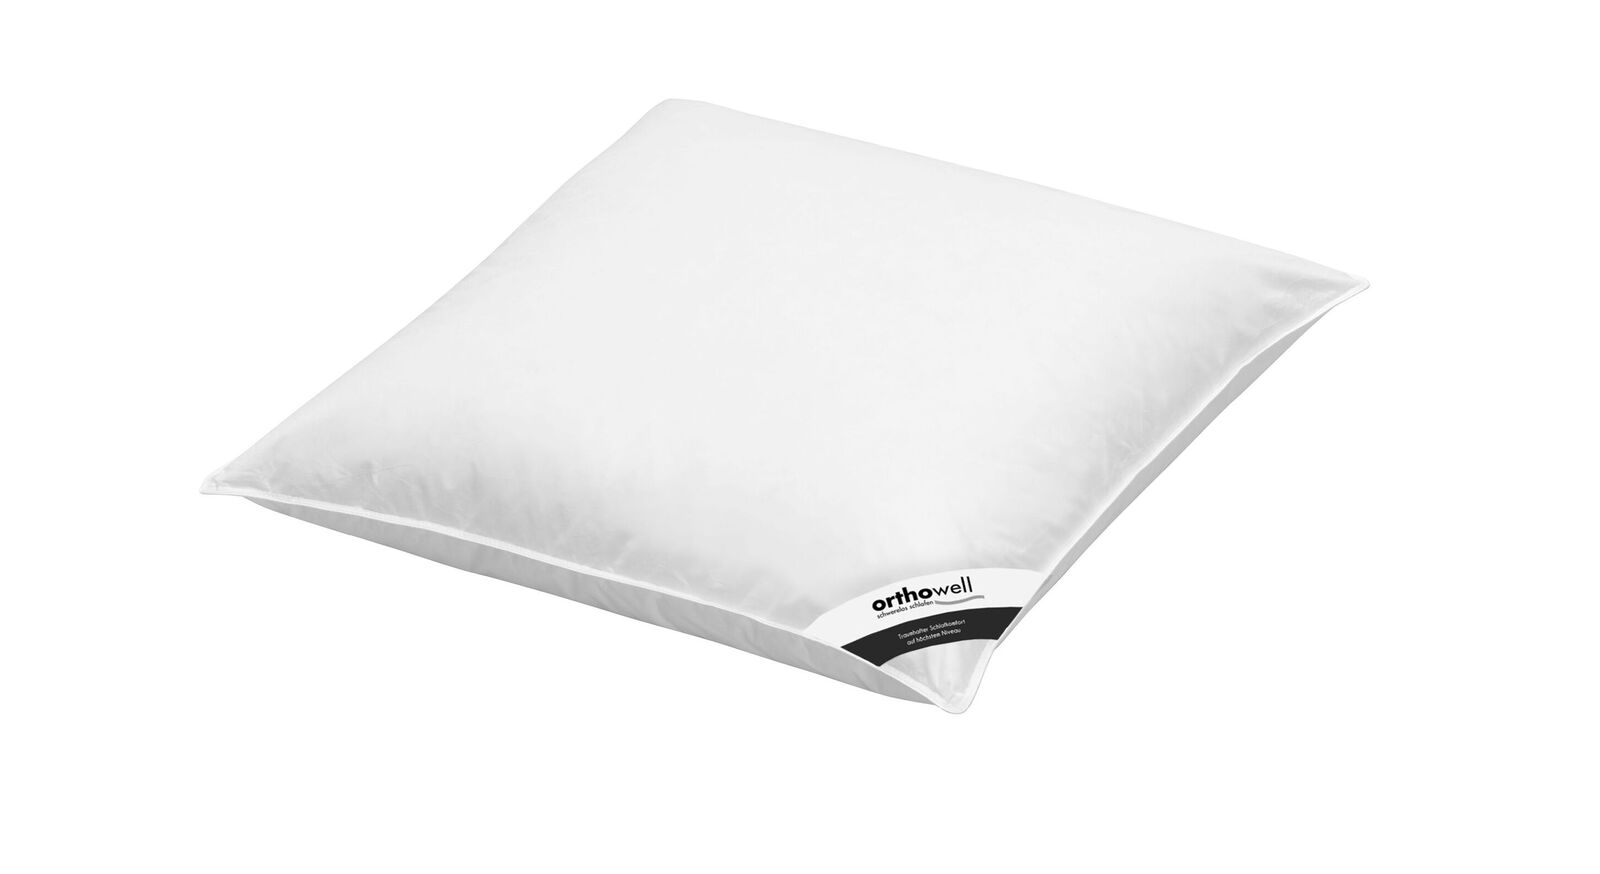 Faser-Kissen orthowell Premium in 80x80 cm mit Baumwollbezug